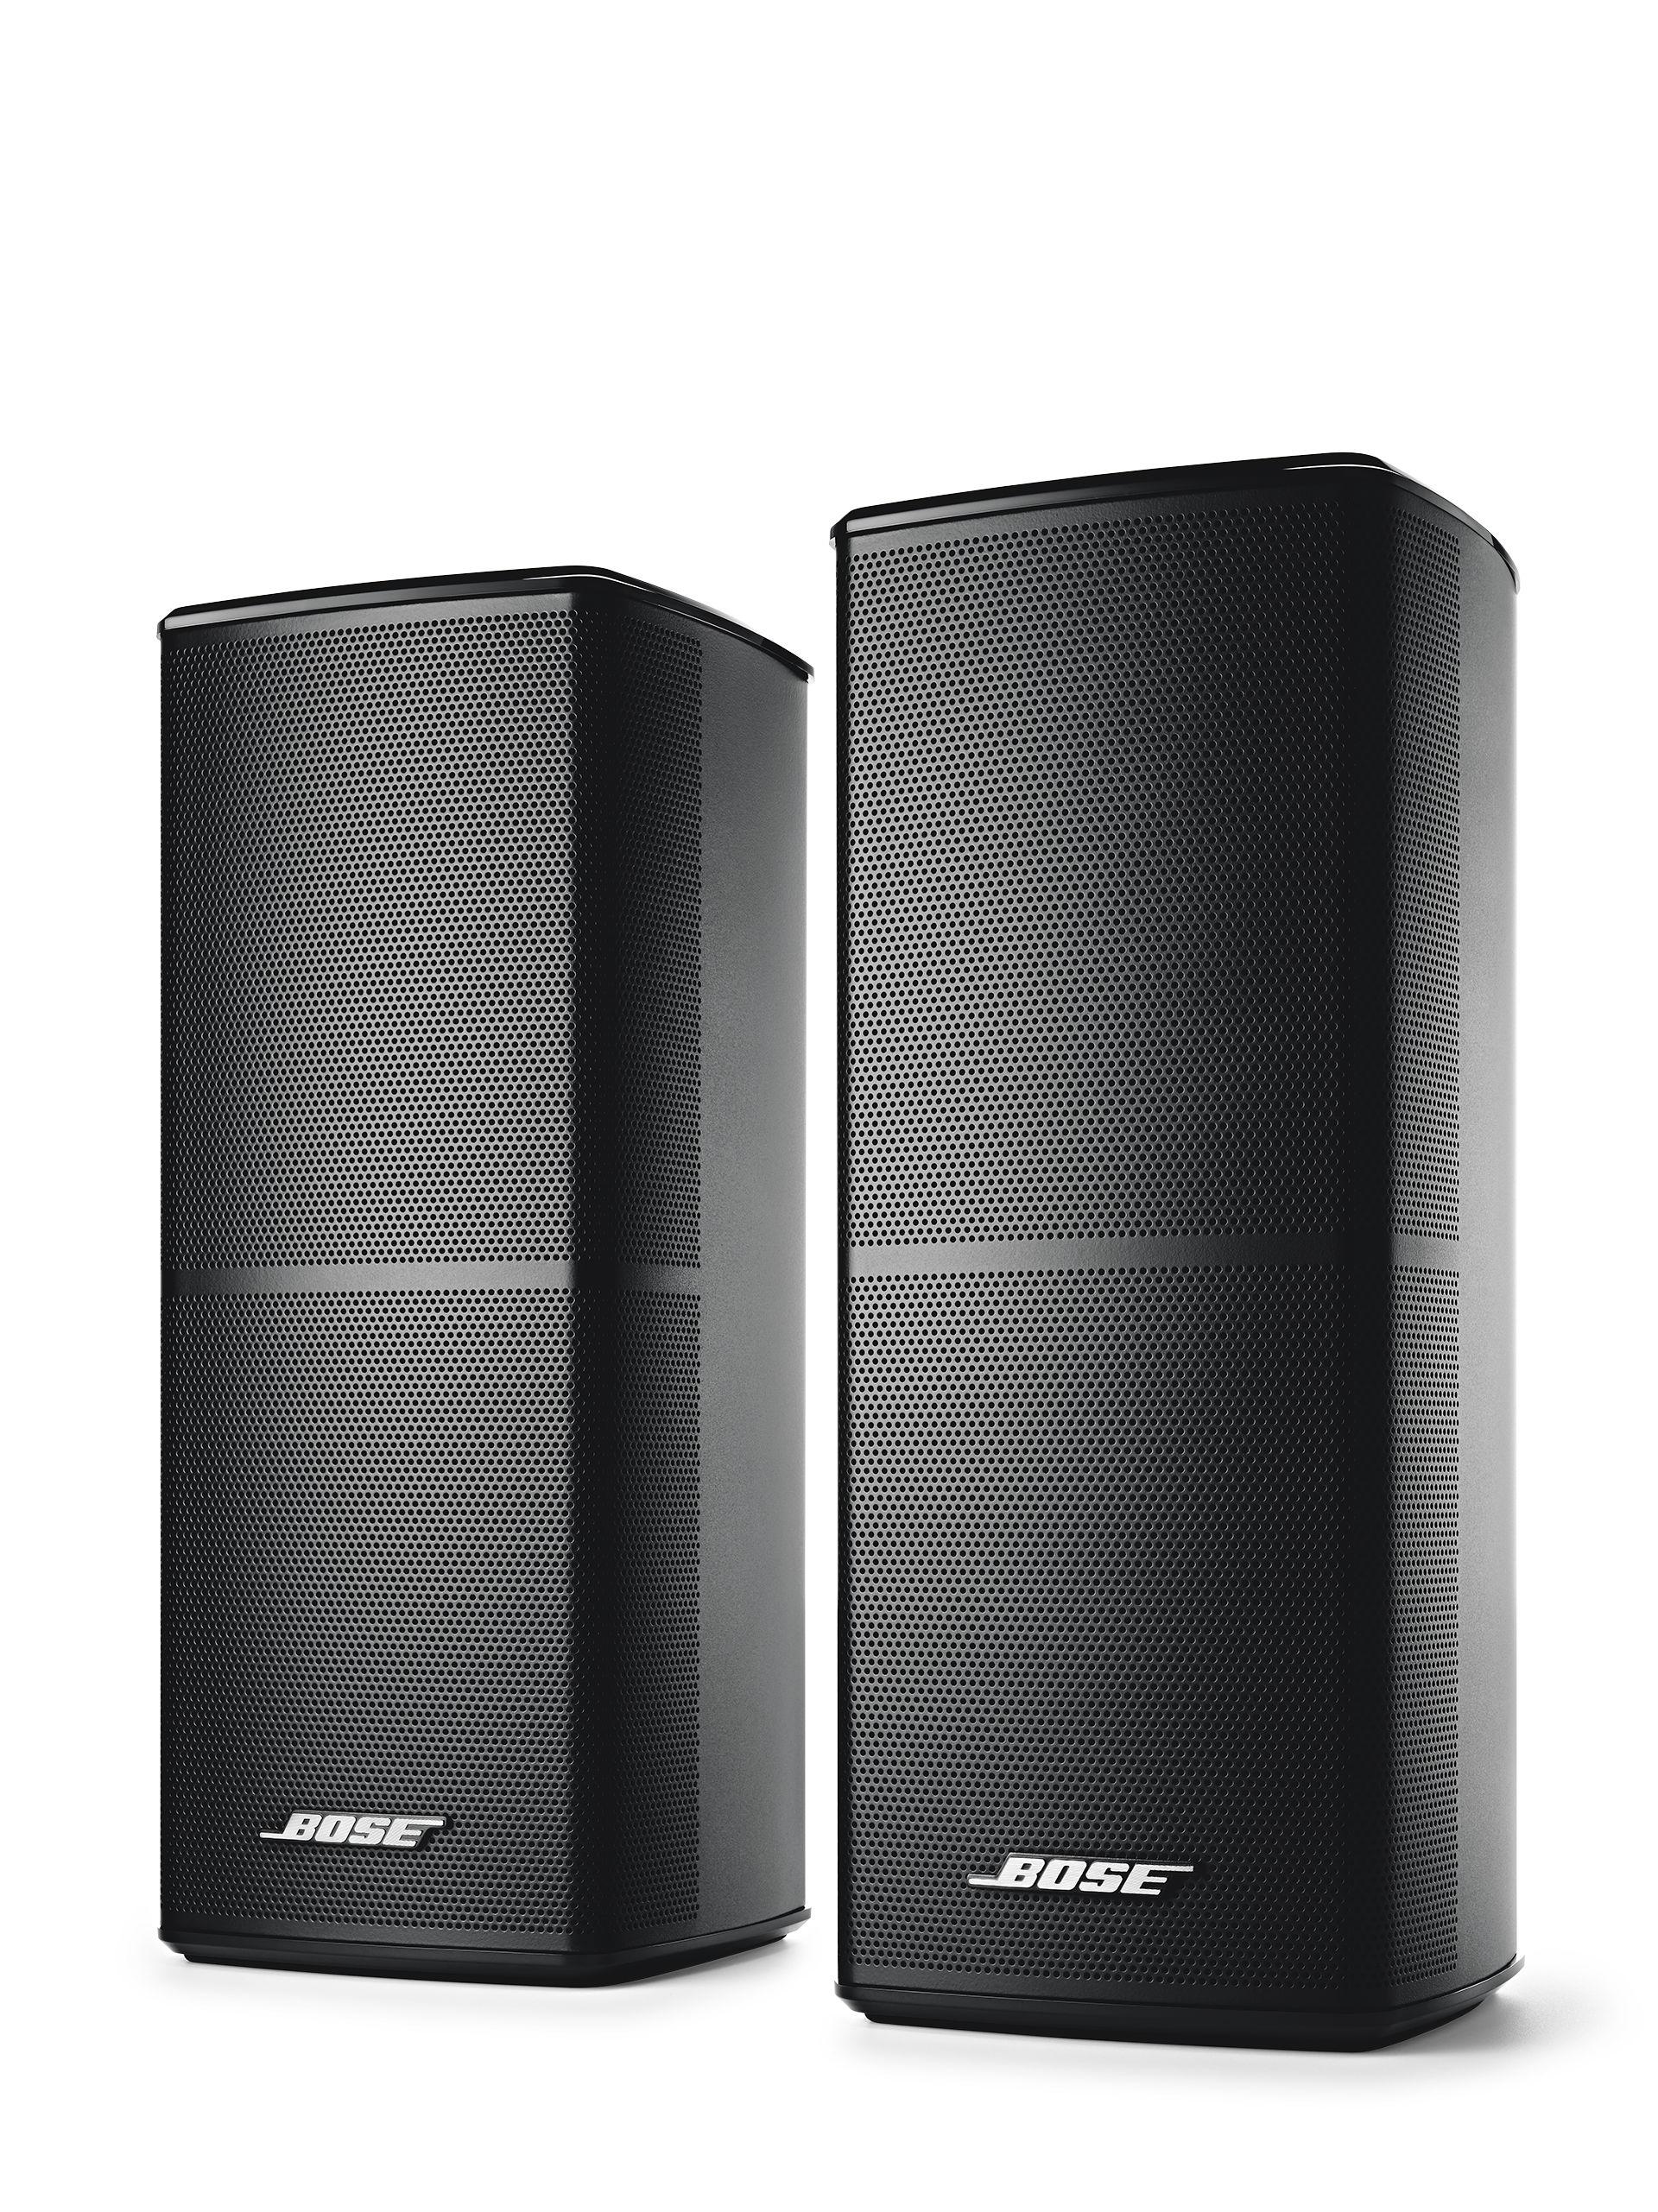 Enceintes Jewel Cube Système home cinéma Lifestyle 600 ControlSound